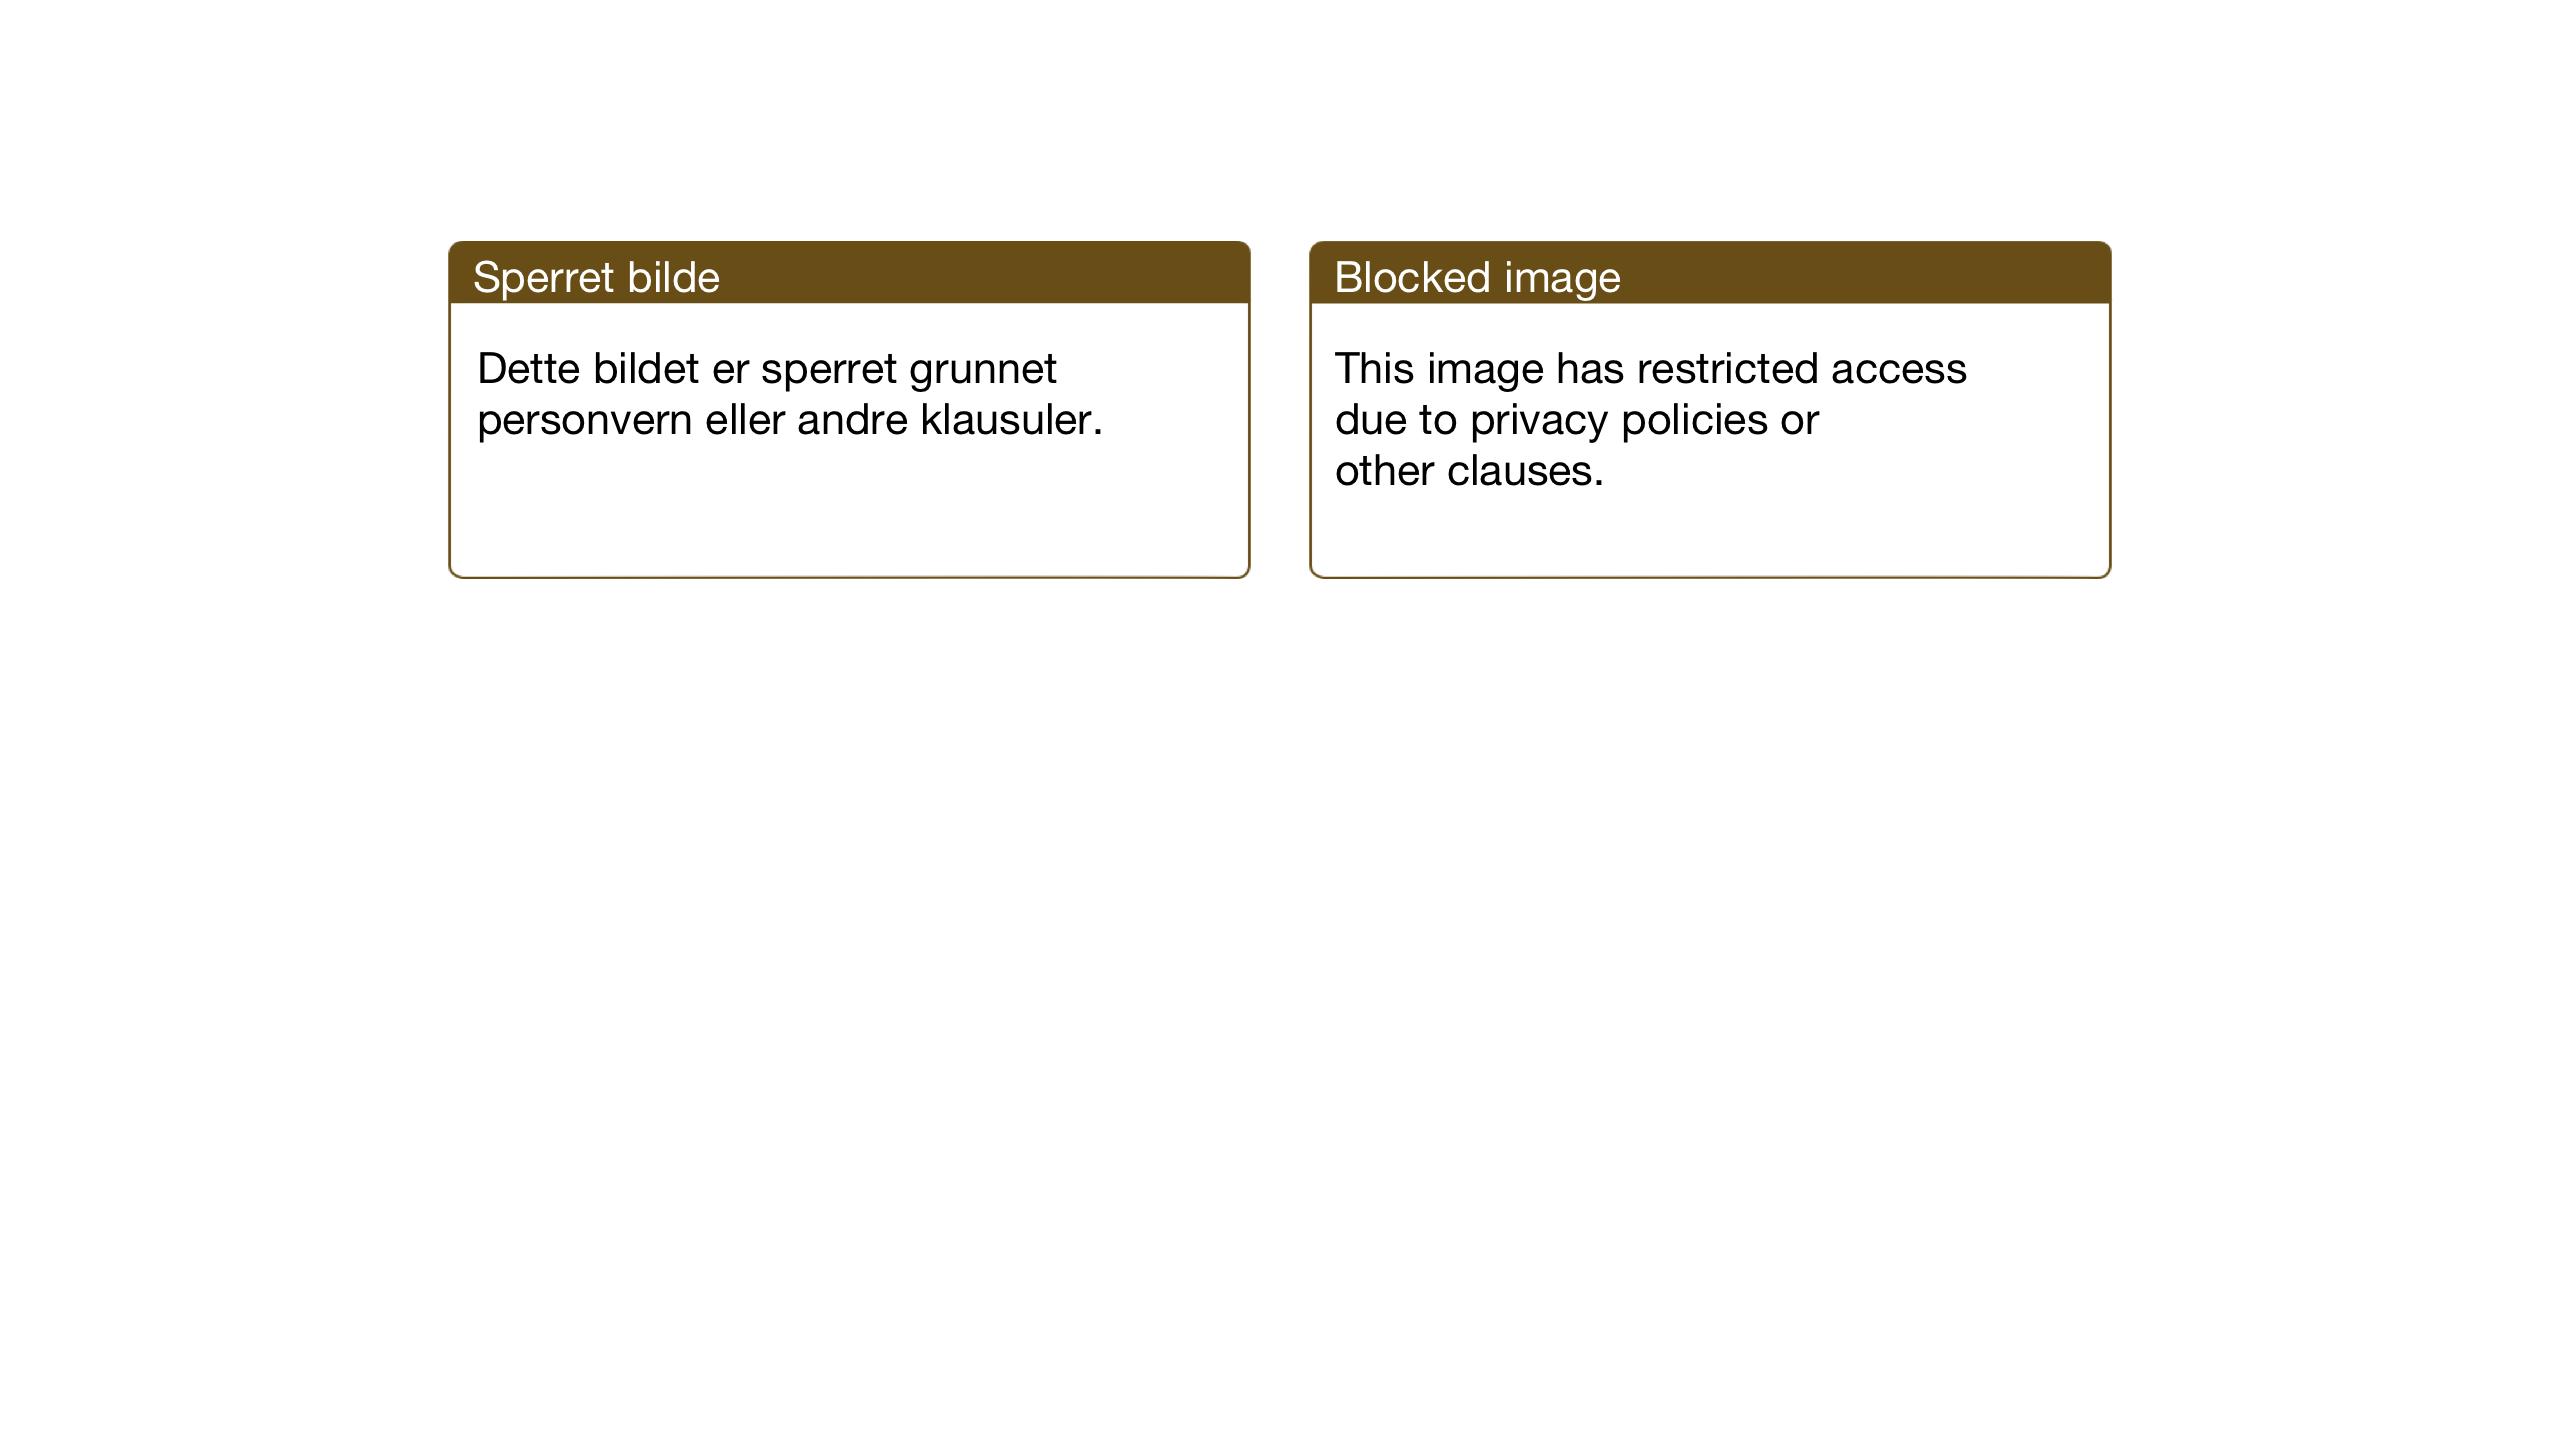 SAT, Ministerialprotokoller, klokkerbøker og fødselsregistre - Sør-Trøndelag, 669/L0832: Klokkerbok nr. 669C02, 1925-1953, s. 67